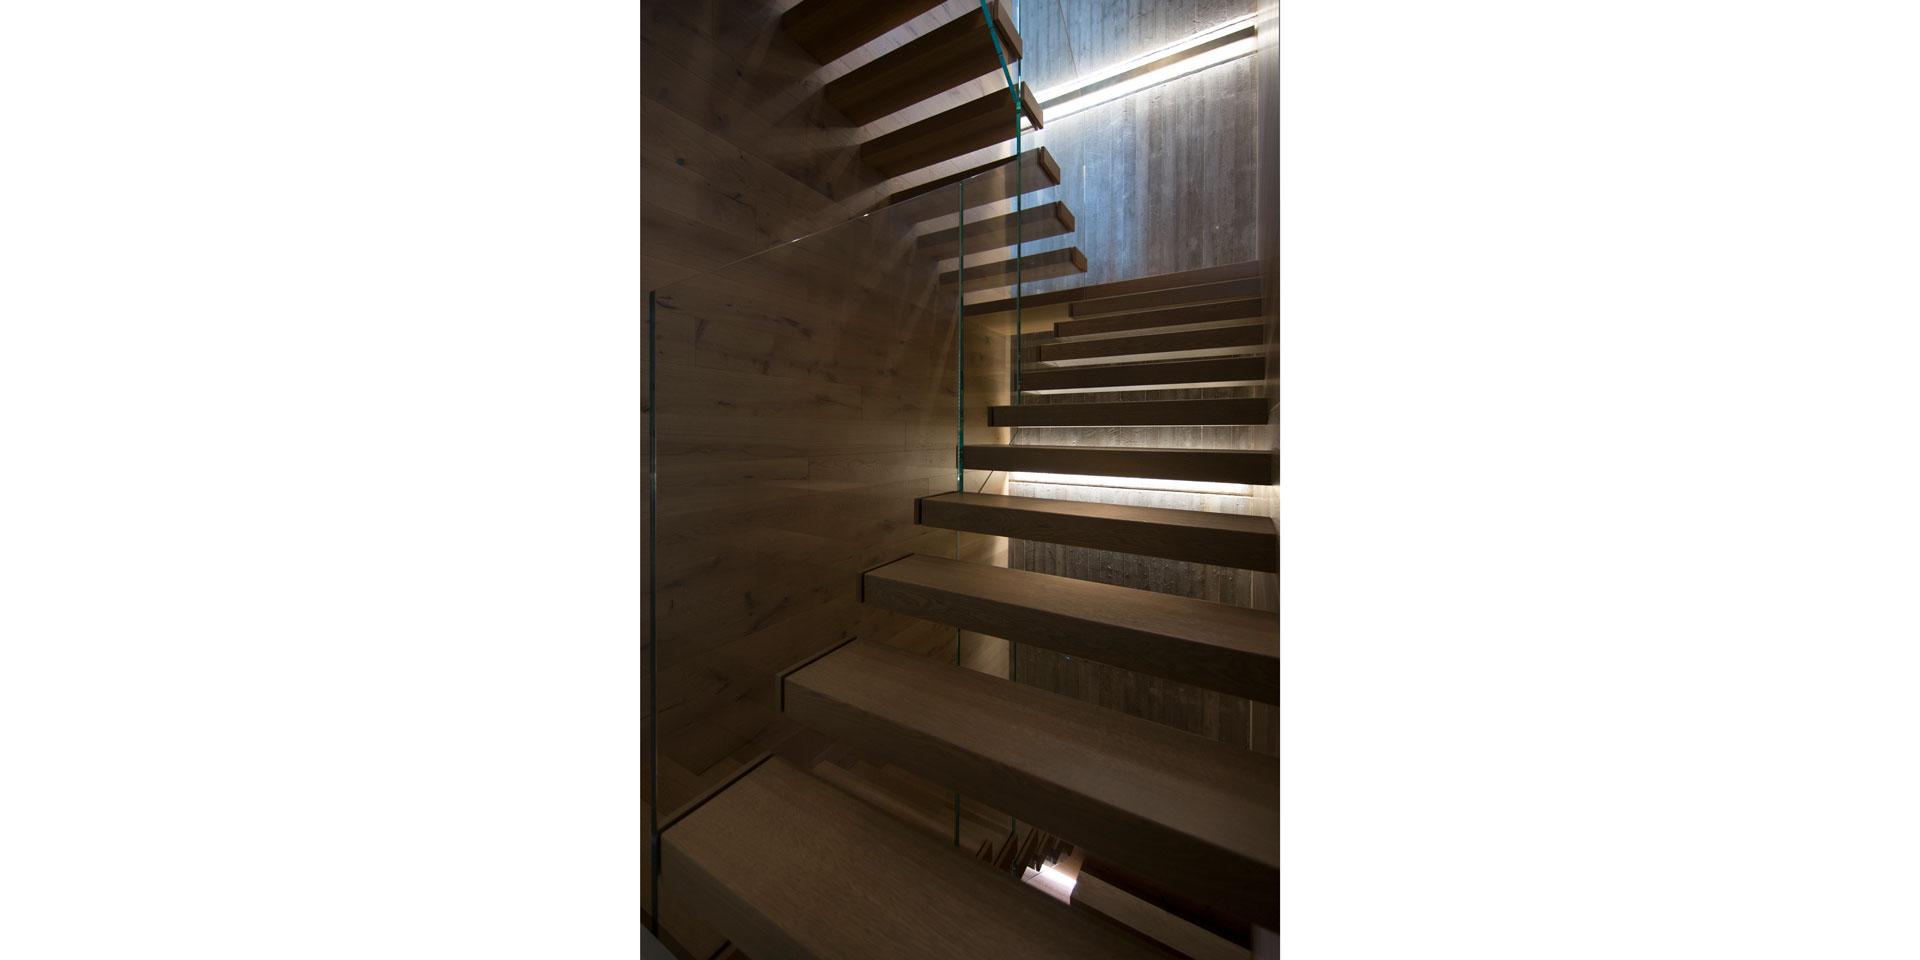 archinow_MAR_residenza-privata-rimini_19-1